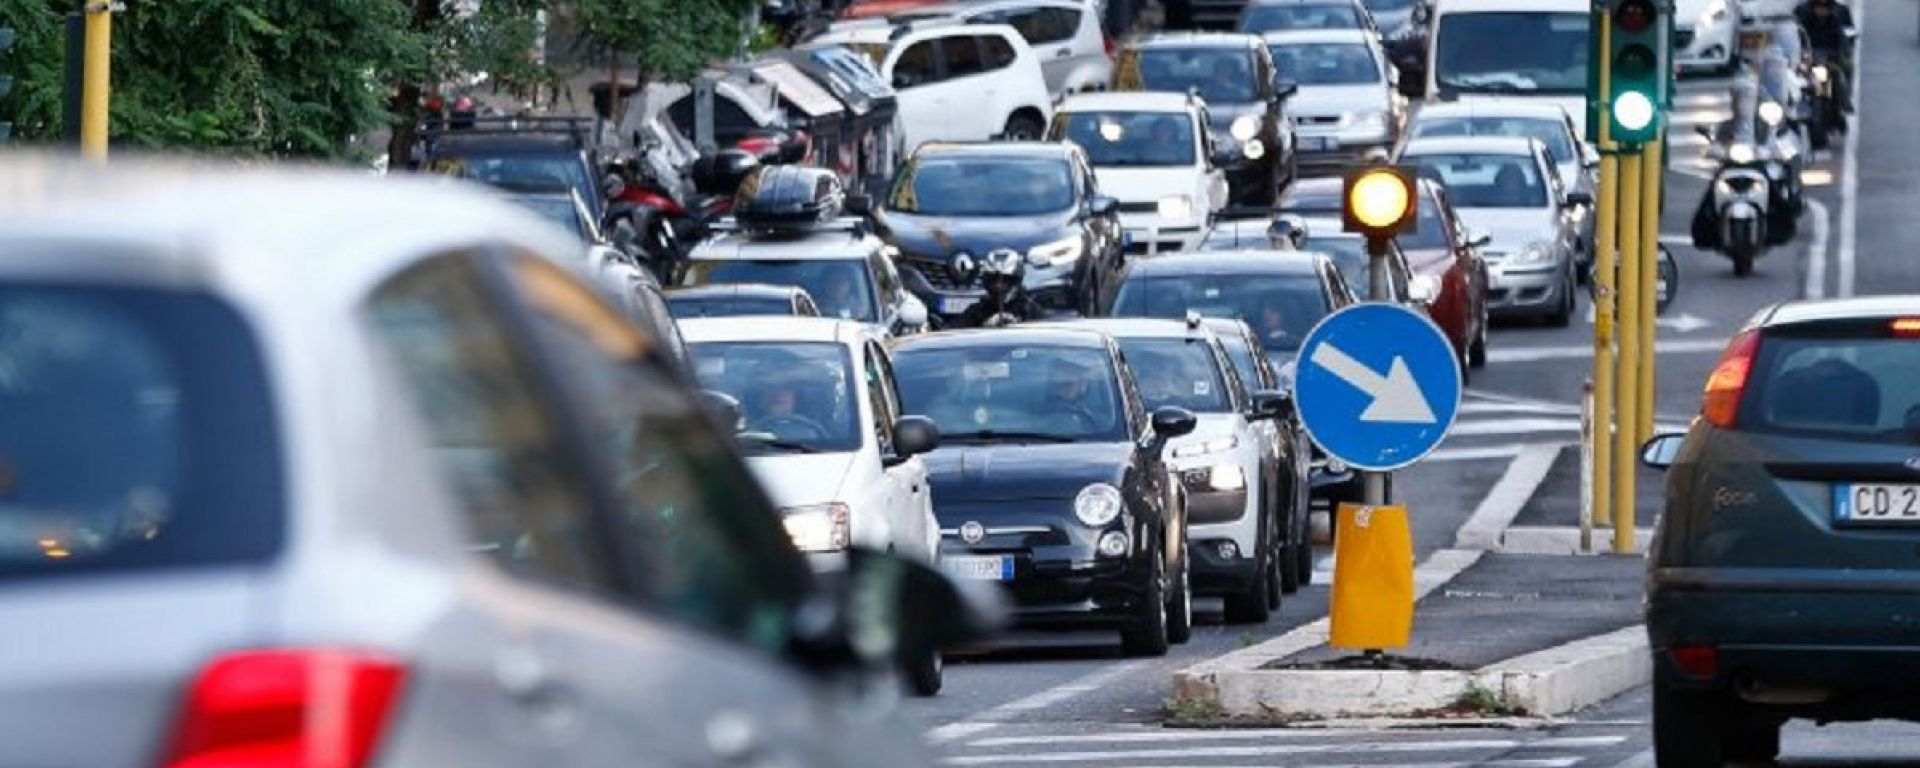 Decreto Cura Italia, sospensione dei versamenti della polizza RC Auto